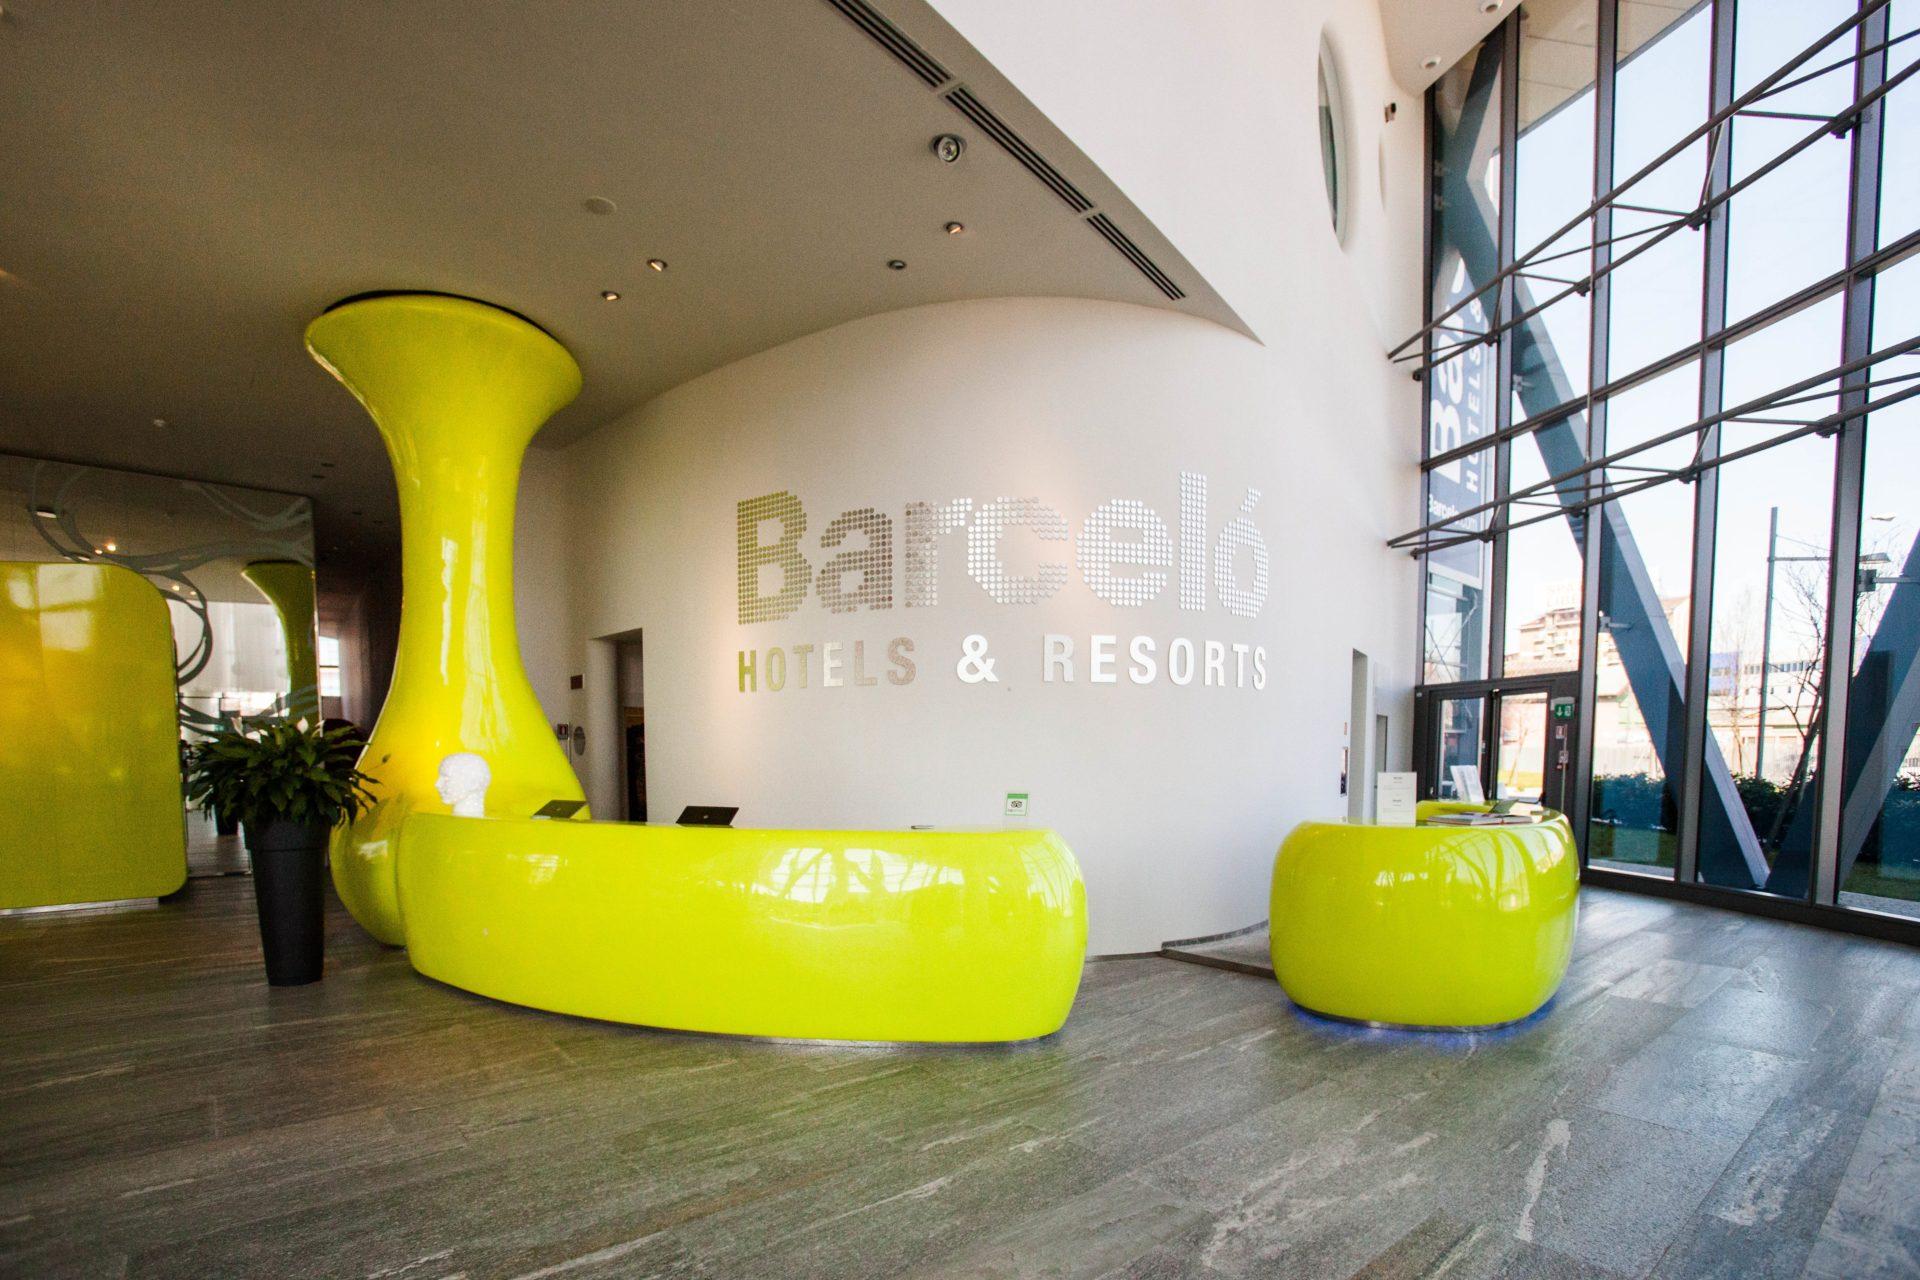 El barcel mil n obtiene el premio international hotel for Hoteles diseno milan